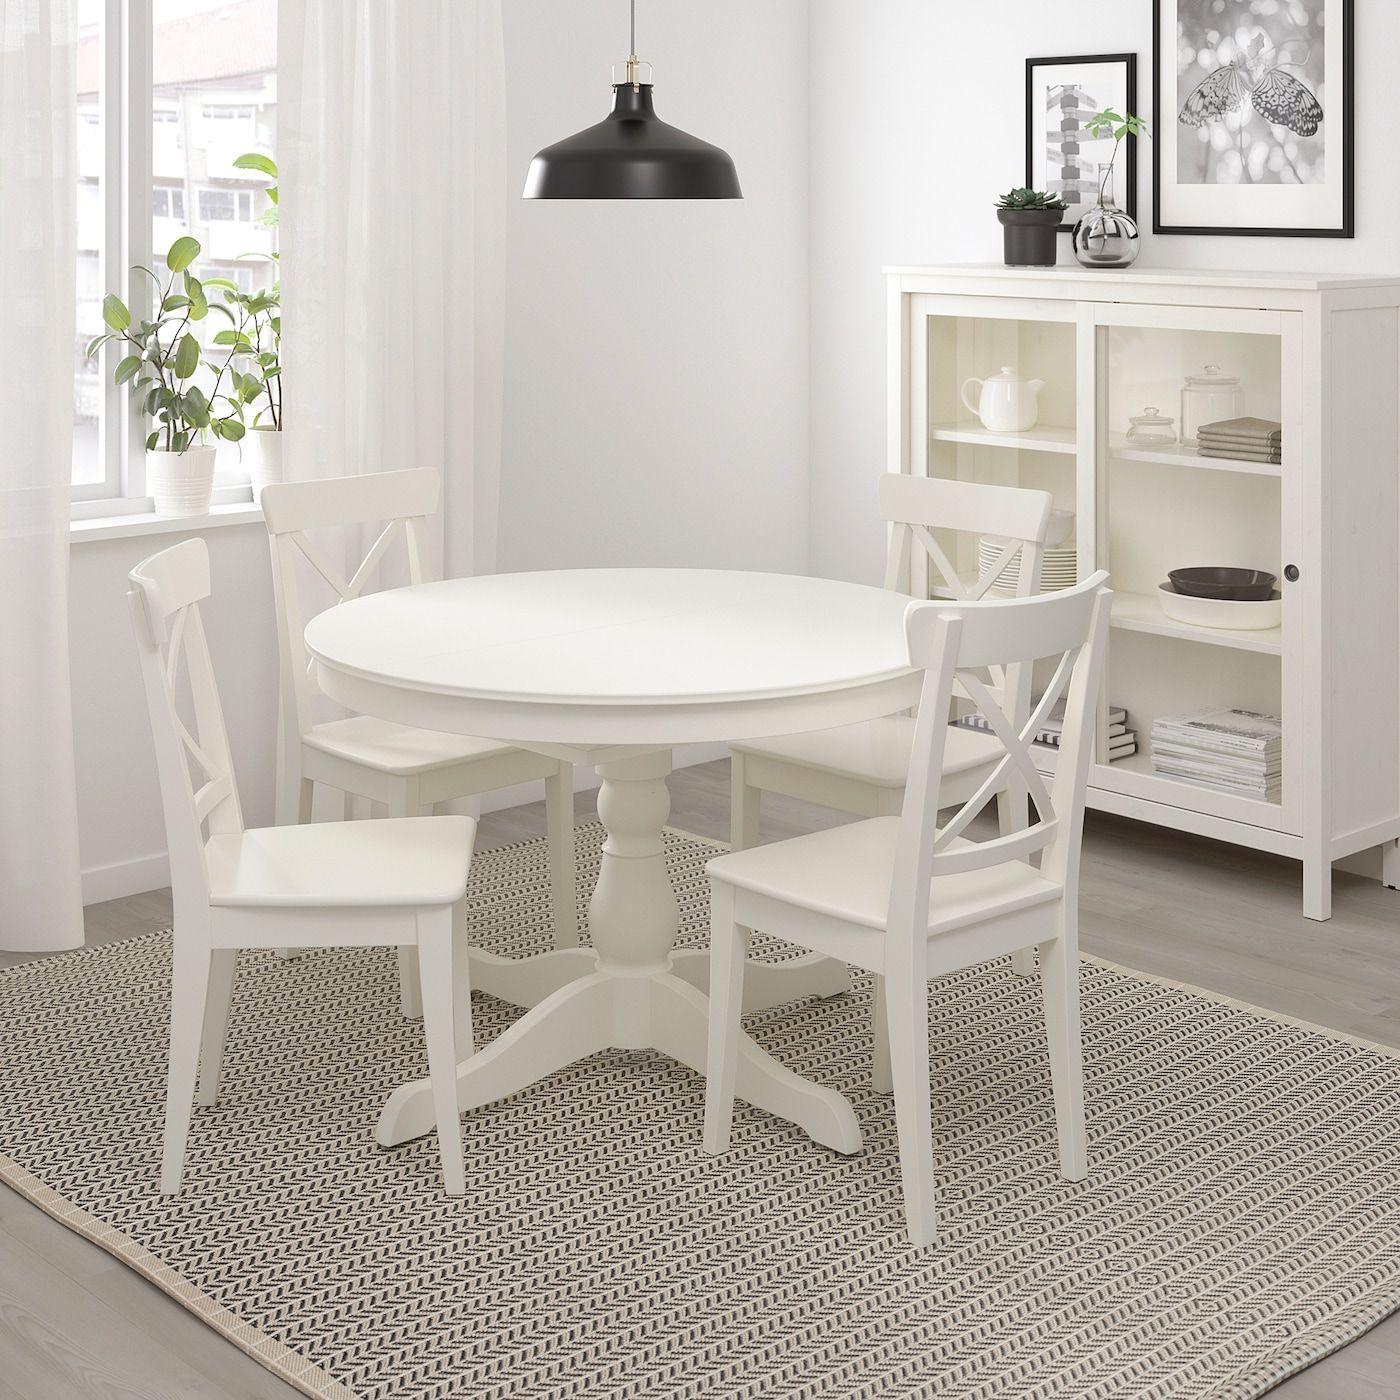 Ingatorp Extendable Table White 43 1 4 61 110 155 Cm En 2020 Salle A Manger Ikea Petite Table Cuisine Table Extensible Blanche